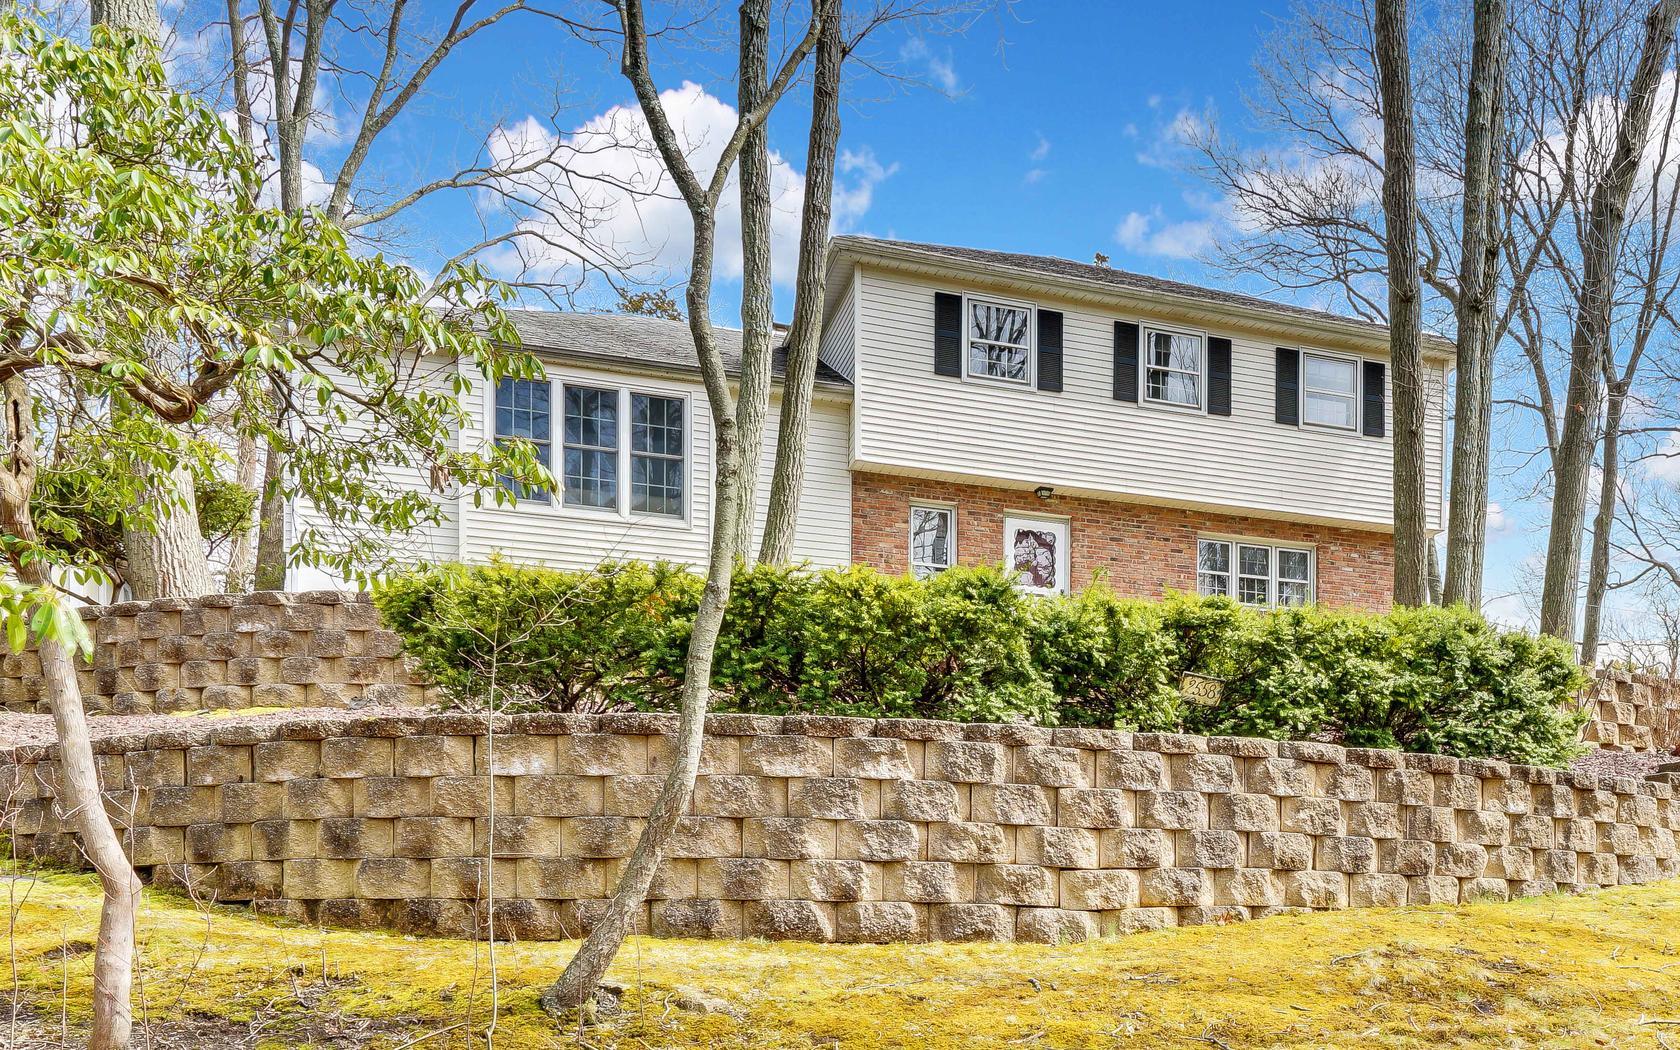 獨棟家庭住宅 為 出售 在 Home up on the Hill 2560 Crestview Rd Wall, 新澤西州, 08736 美國